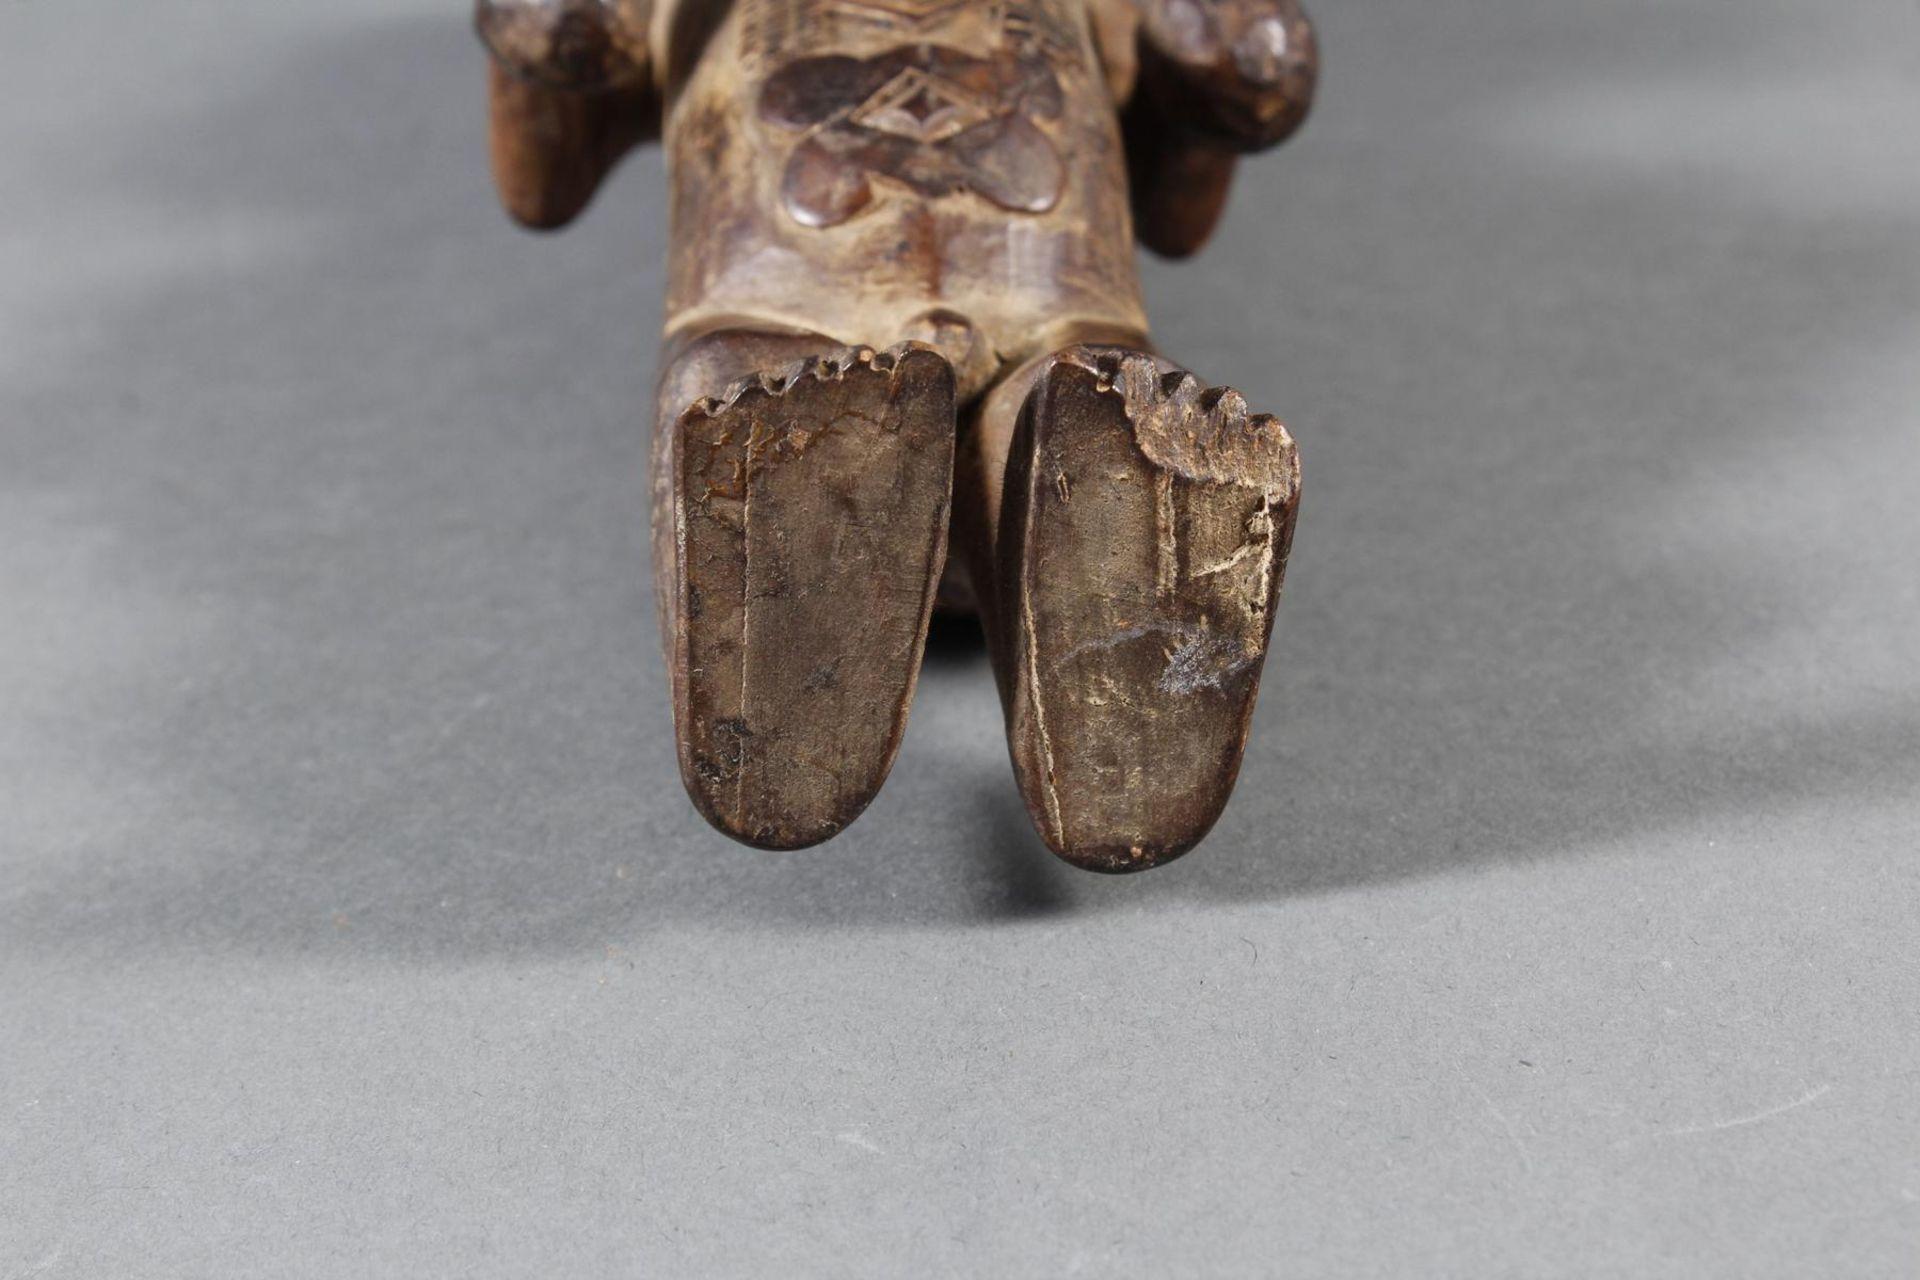 Krypto-Fetischfigur, Bembe / Kongo - Bild 7 aus 7